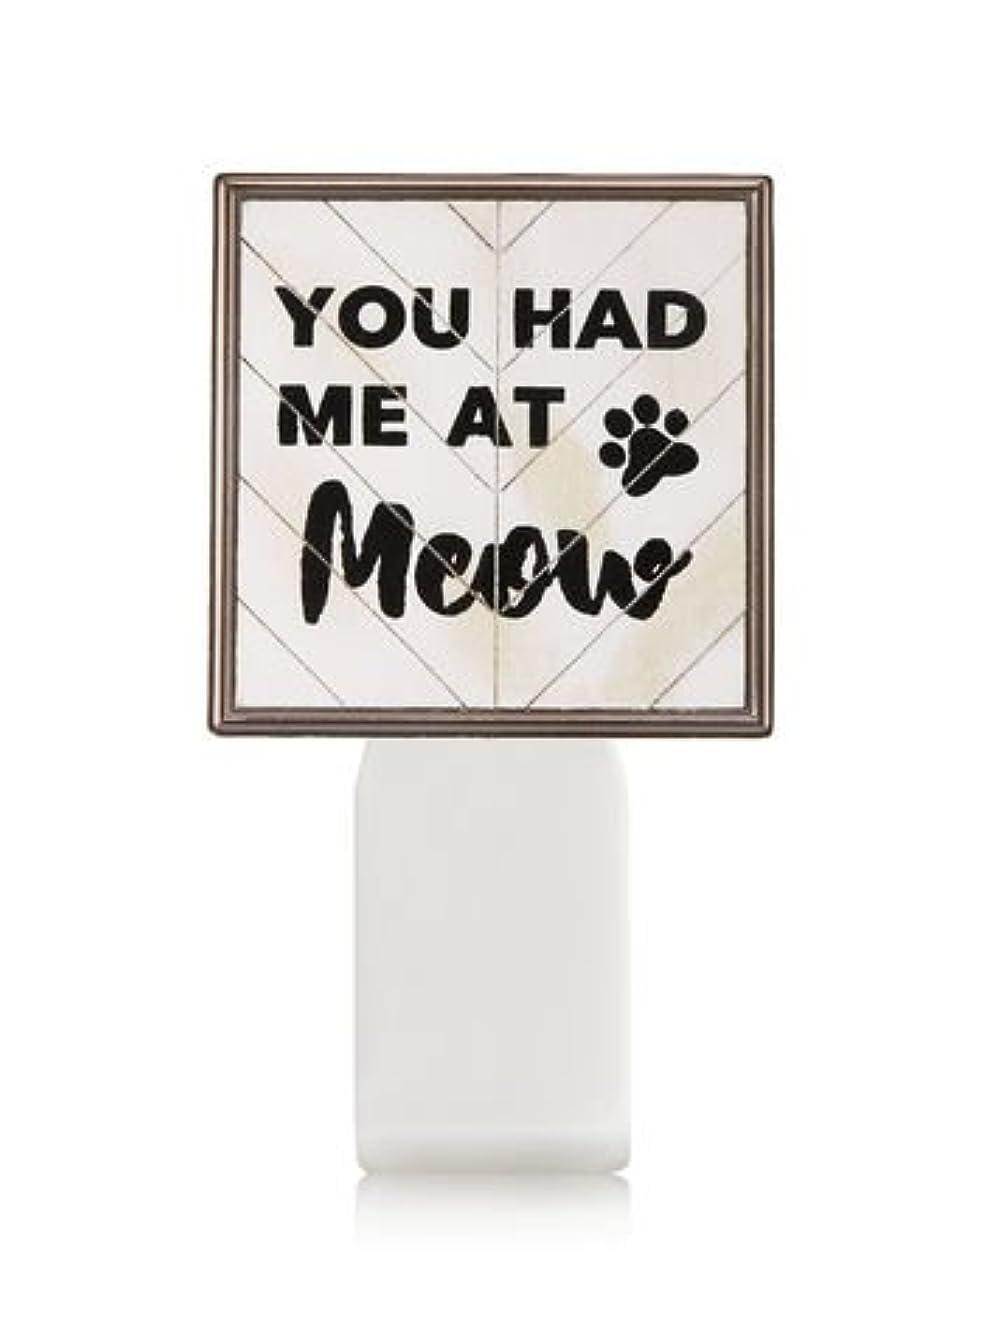 緊張する資格どっち【Bath&Body Works/バス&ボディワークス】 ルームフレグランス プラグインスターター (本体のみ) キャット シールド Wallflowers Fragrance Plug You Had Me At Meow [並行輸入品]